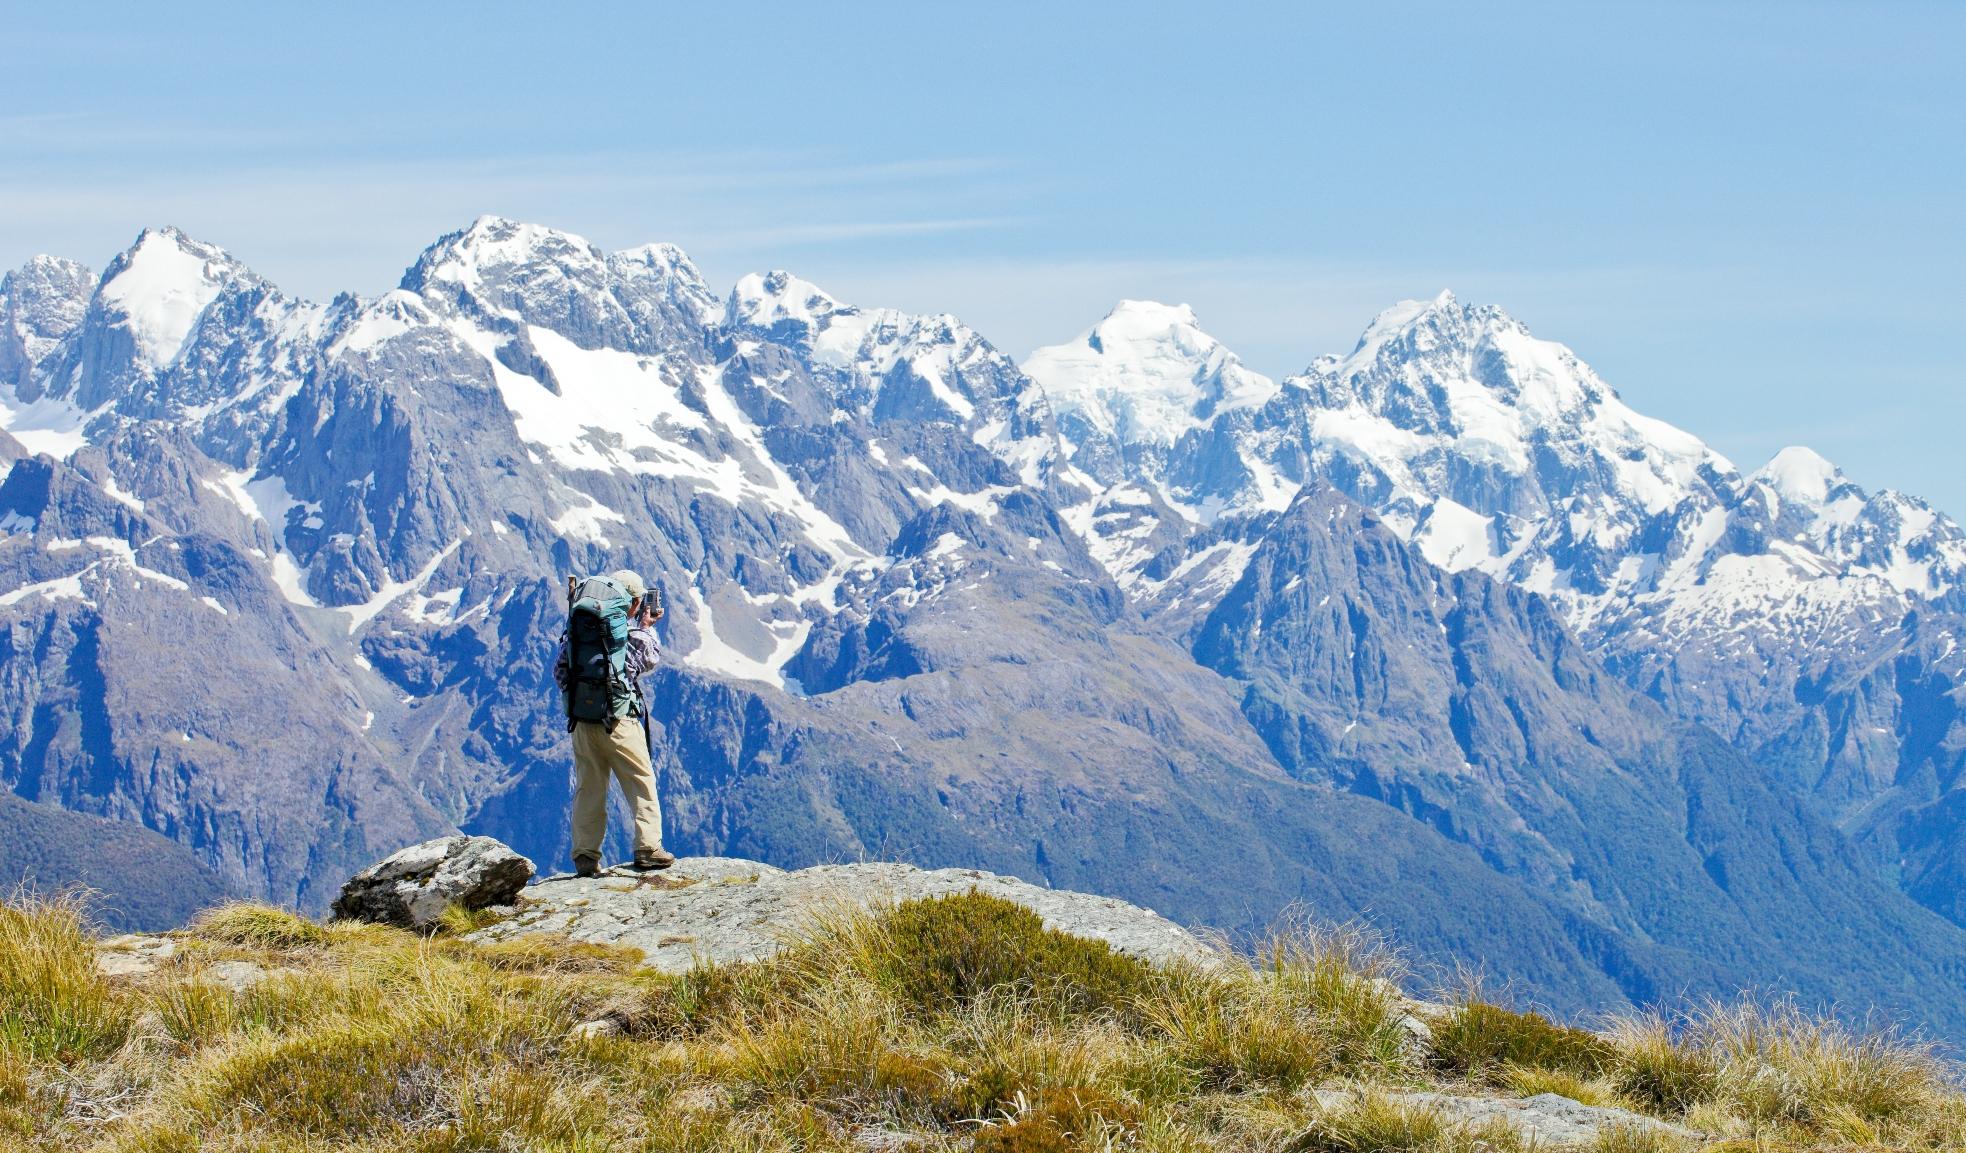 Mt.ツトコをはじめ山岳展望が素晴らしいルートバーン・トラックを2泊3日で縦走する